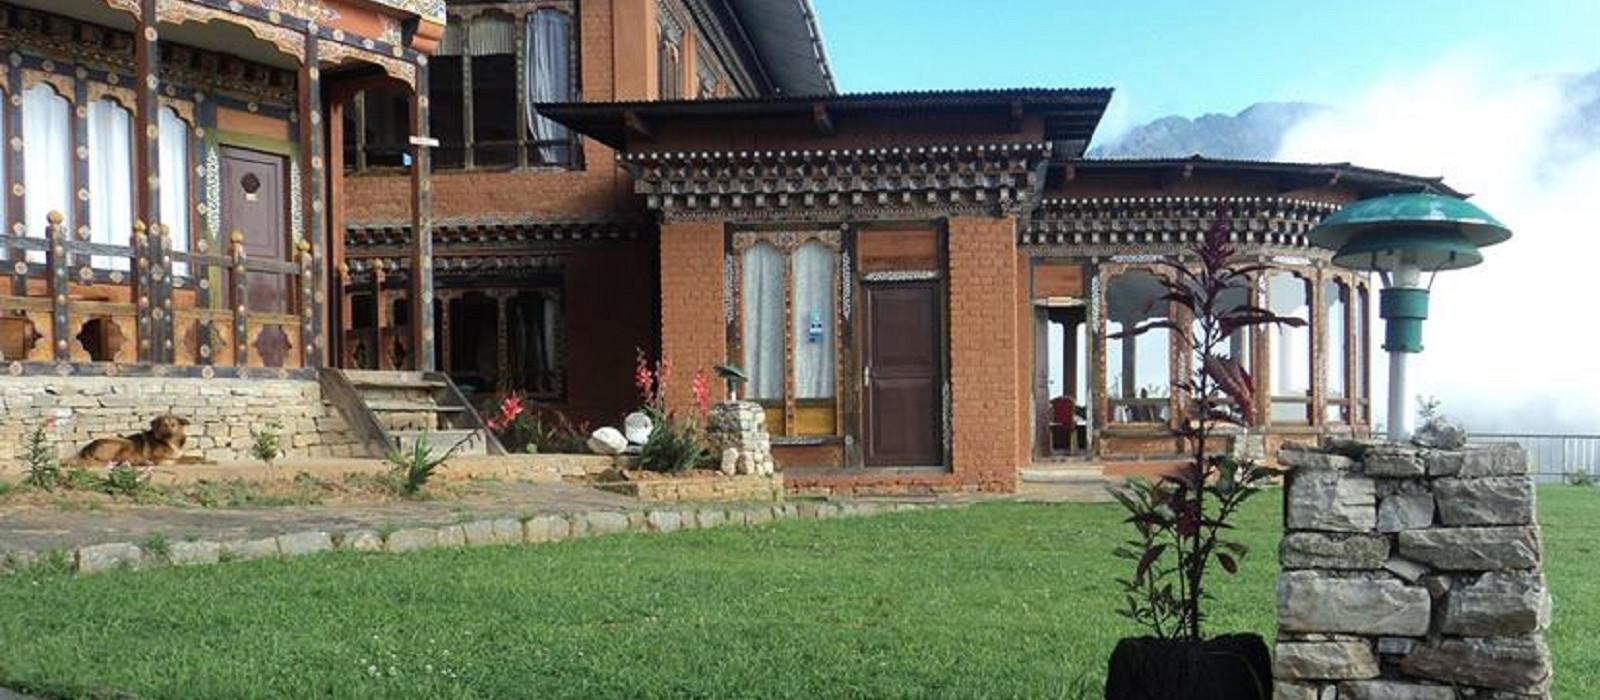 Hotel Dewachen Resort Bhutan